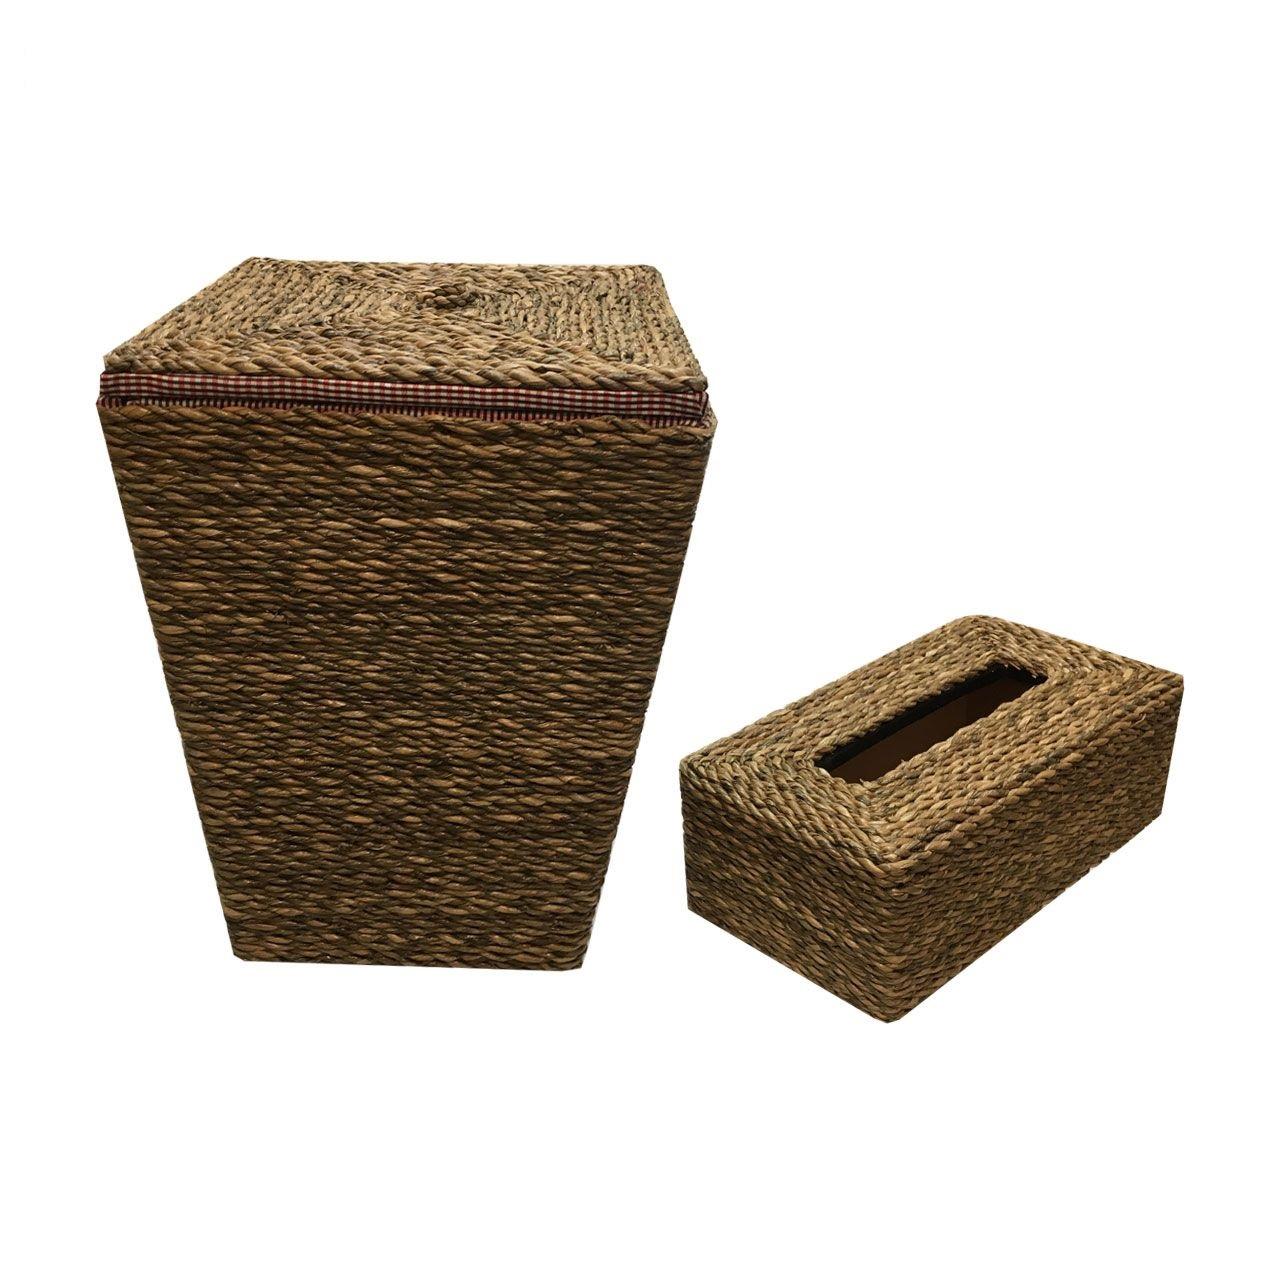 ست سطل و جعبه دستمال کاغذی حصیر بافی مدل SHIKA